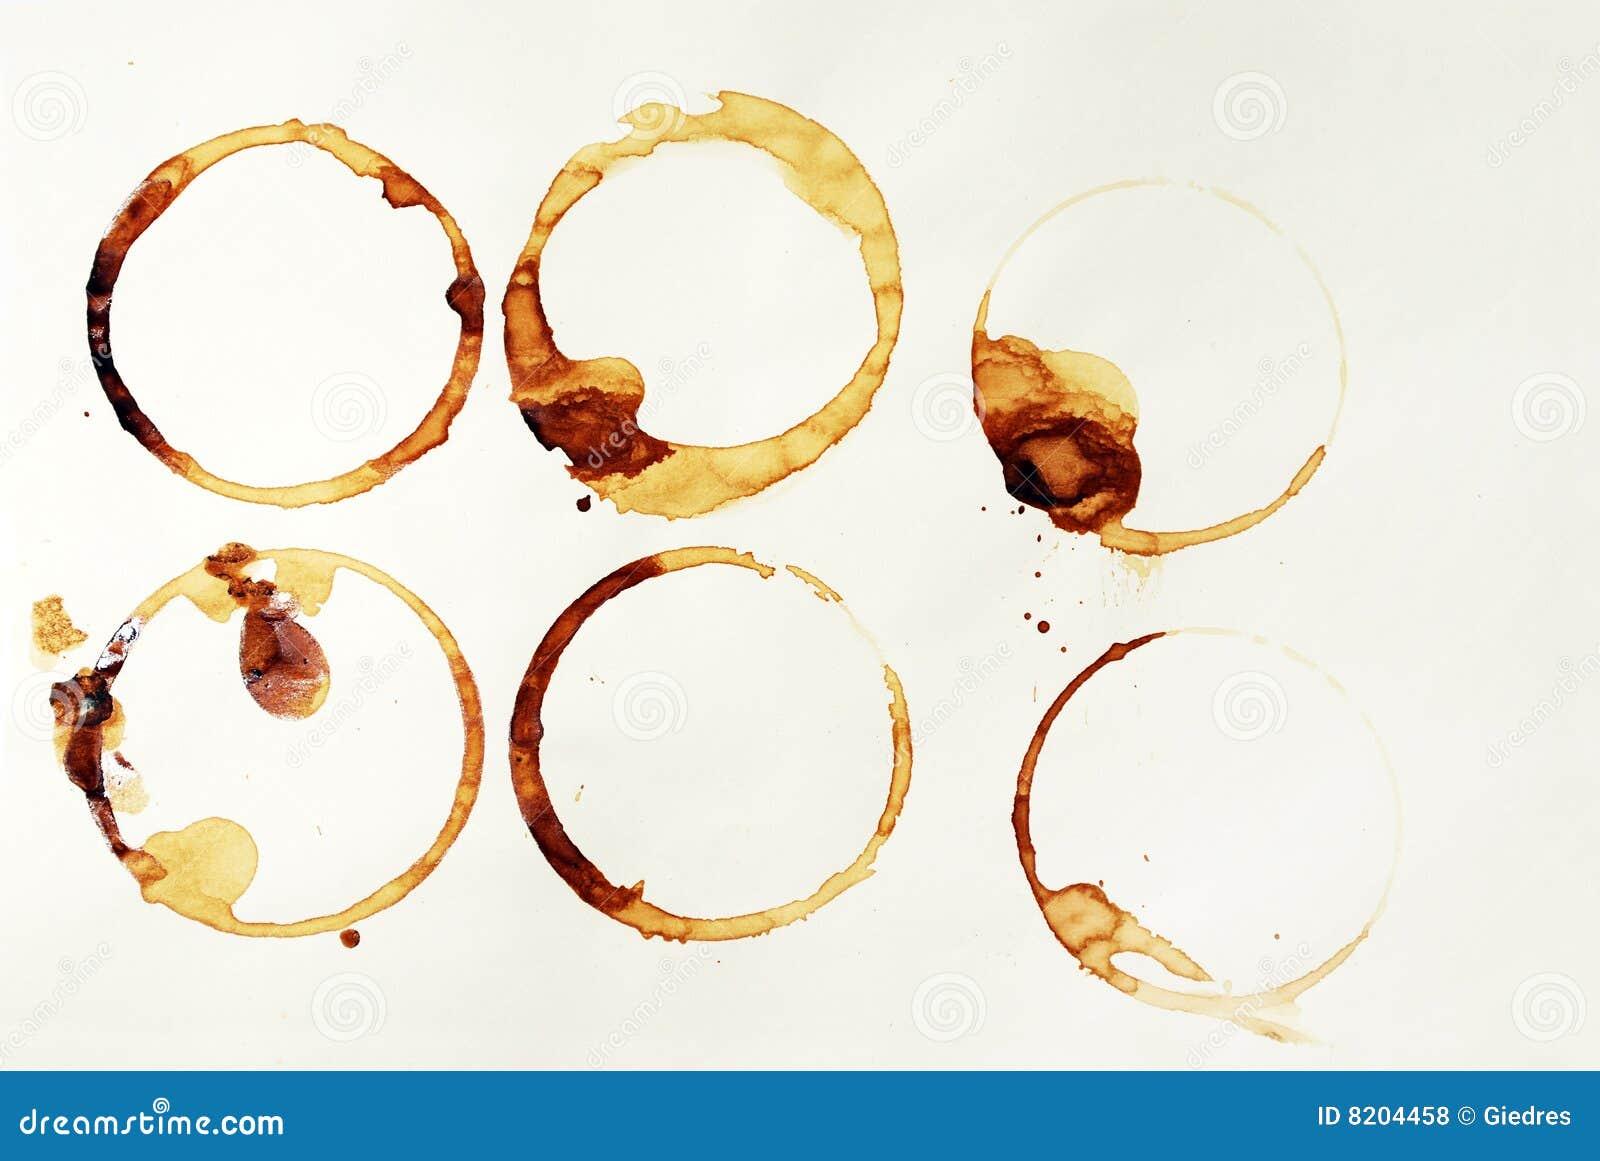 δαχτυλίδια καφέ